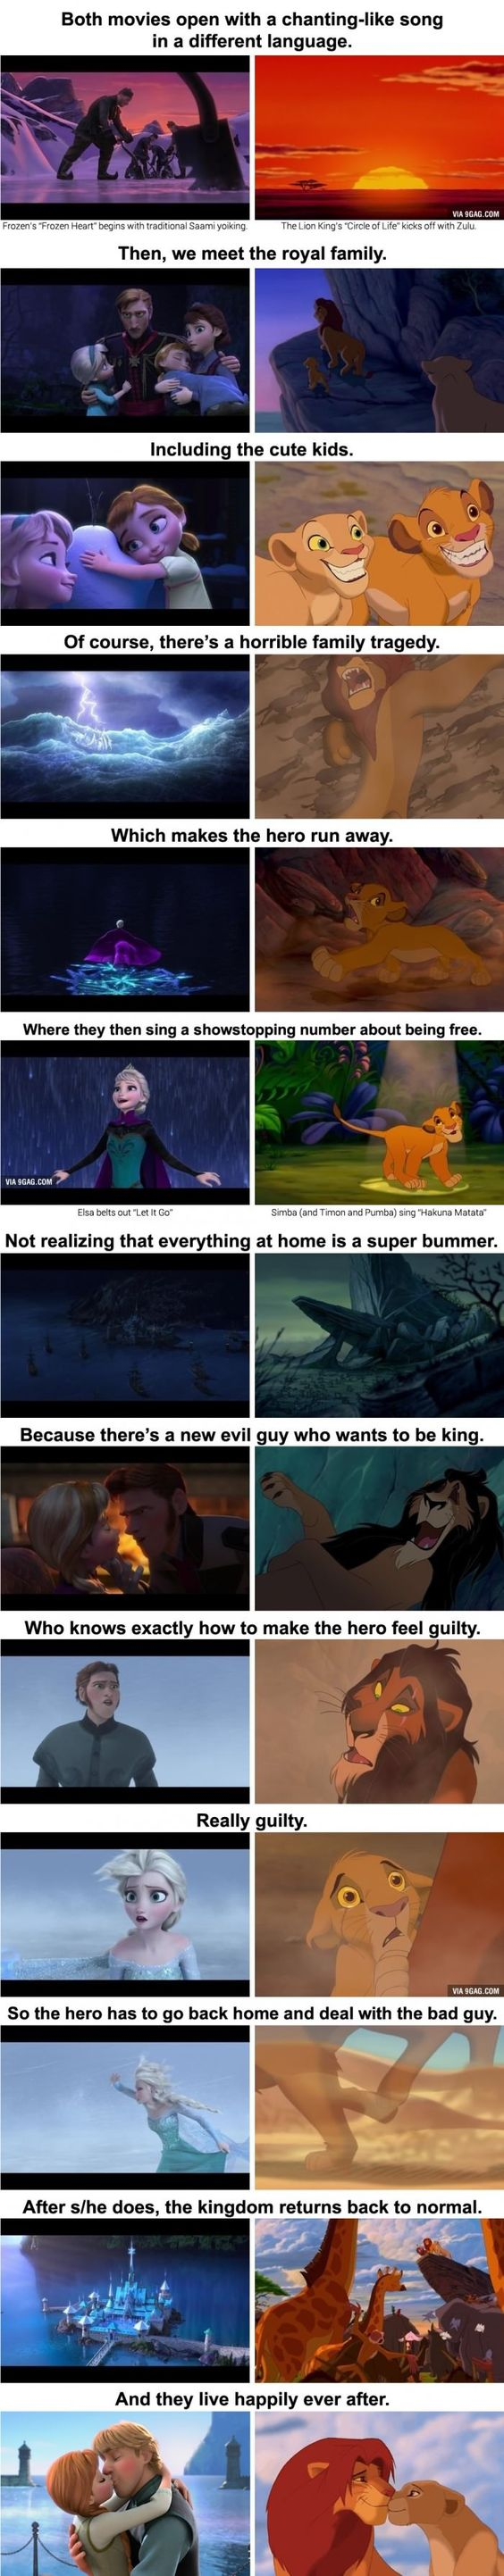 Frozen/Lion King